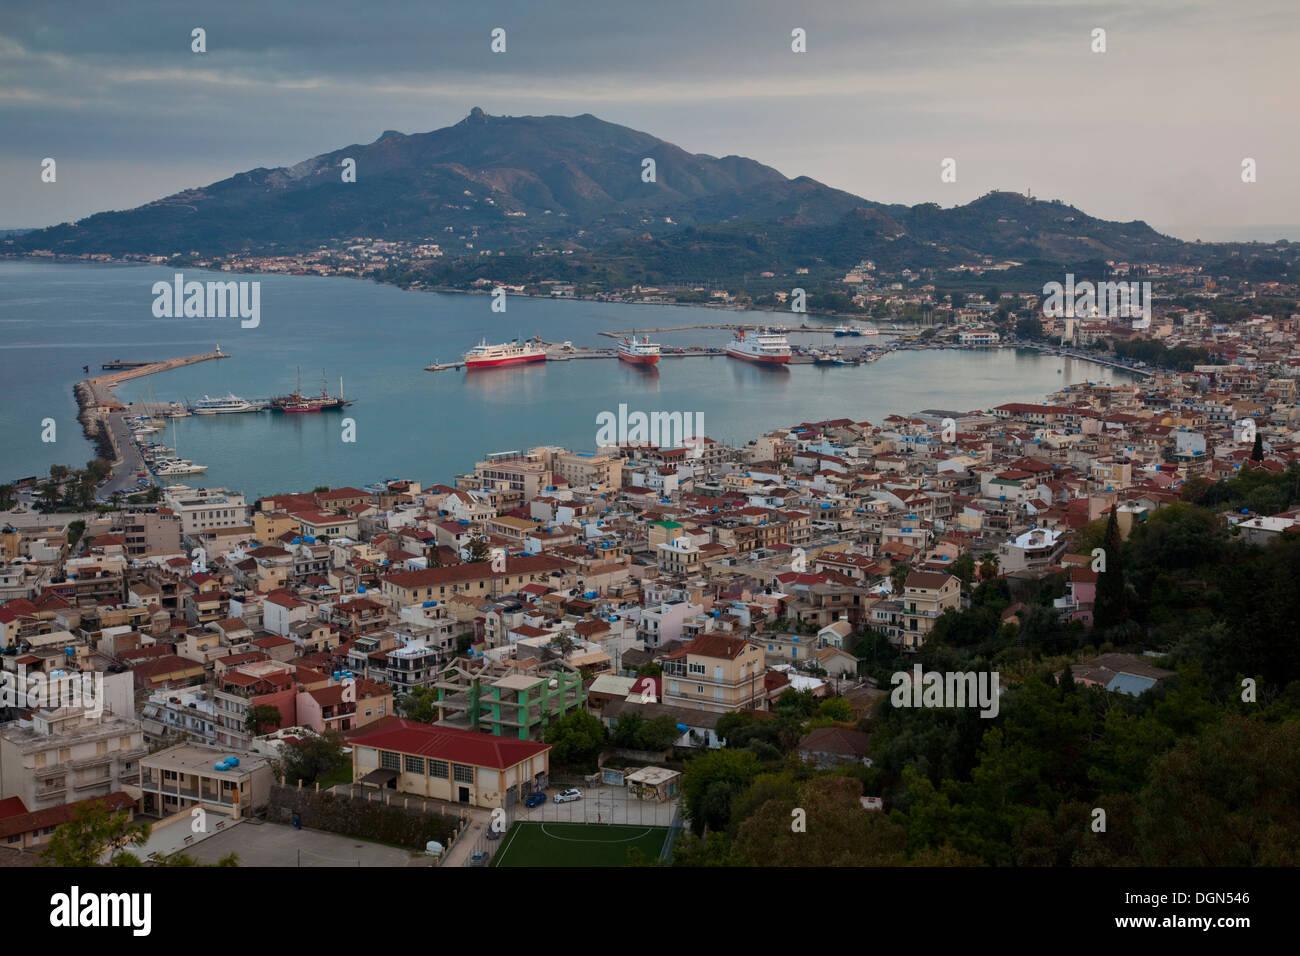 Classic View Of Zakynthos Town From Bocholi, Zakynthos (Zante) Island, Greece Stock Photo